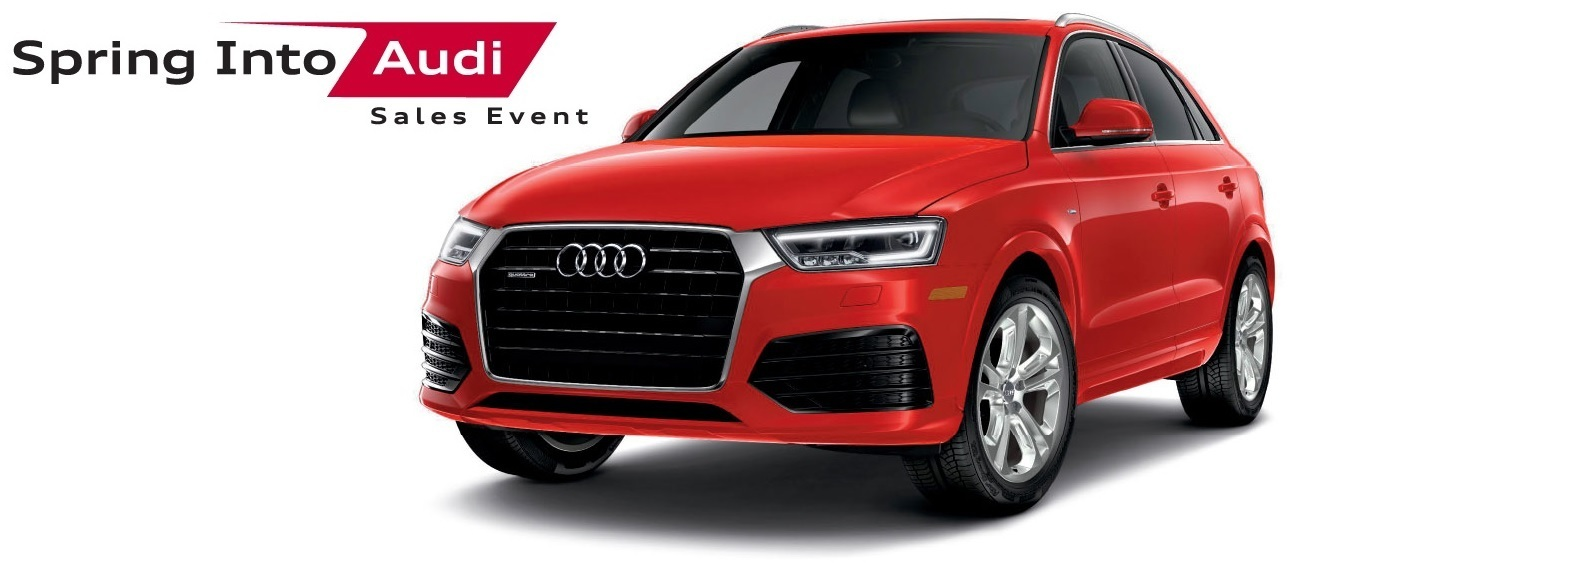 Spring Into Audi Sales Event – Q3